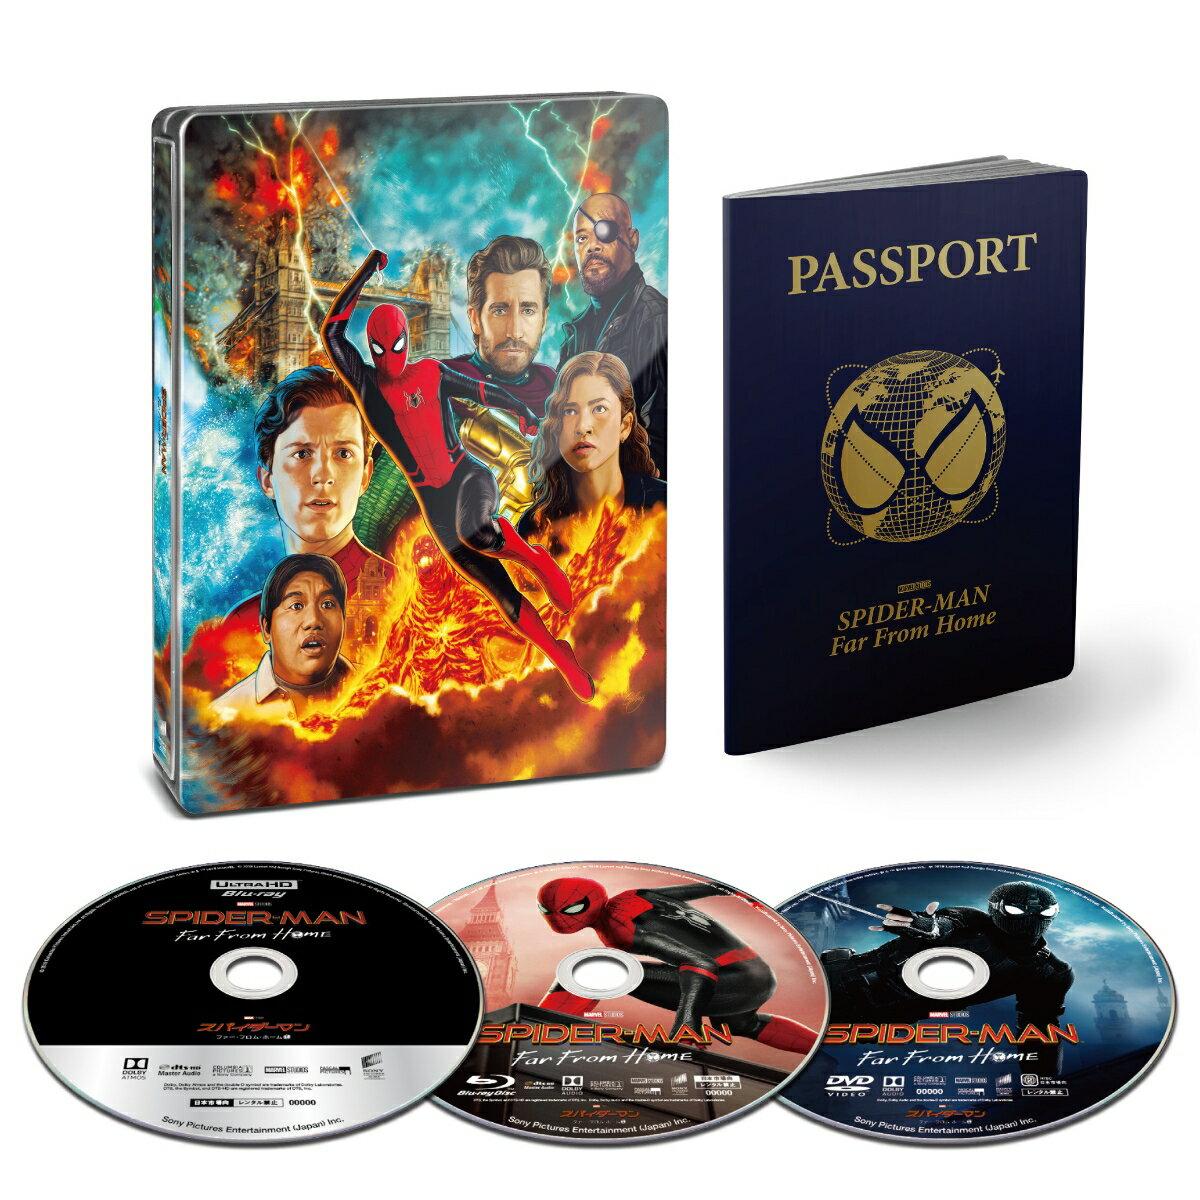 【楽天ブックス限定商品】スパイダーマン:ファー・フロム・ホーム ブルーレイ&DVD&4K ULTRA HD スチールブック仕様(完全数量限定)(75mm缶バッジ3個セット付き)【4K ULTRA HD】